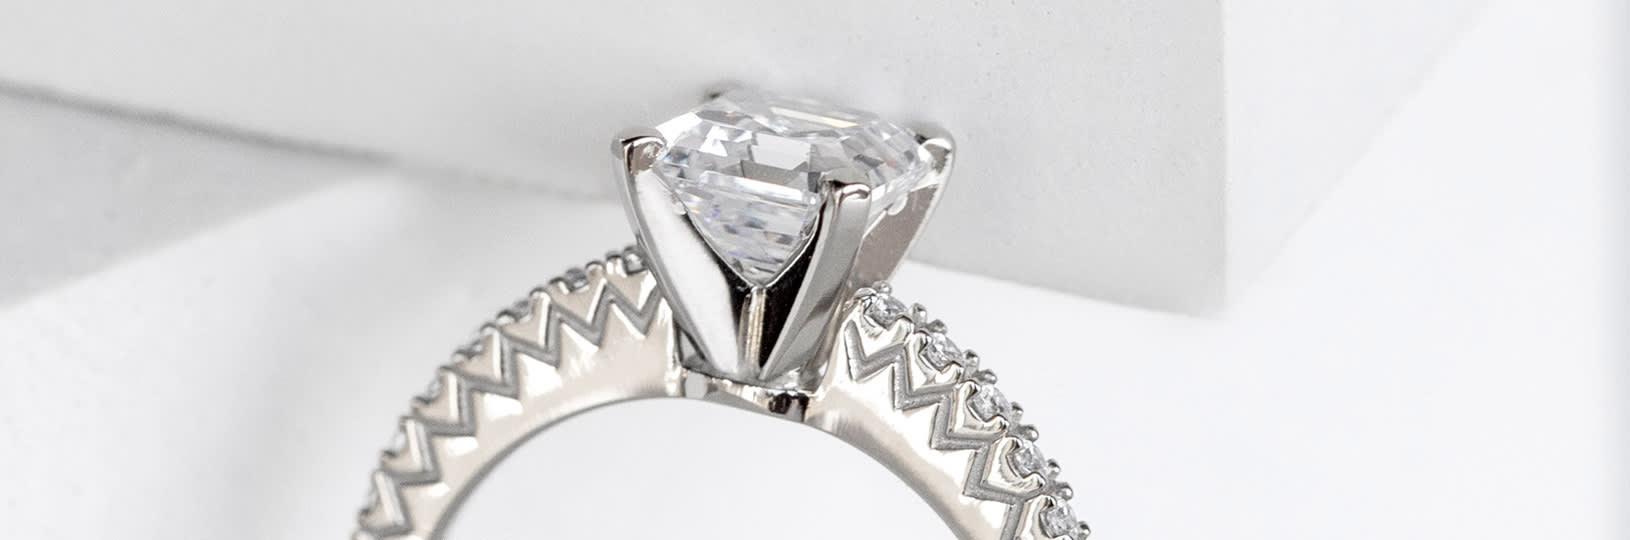 Engagement ring girdle